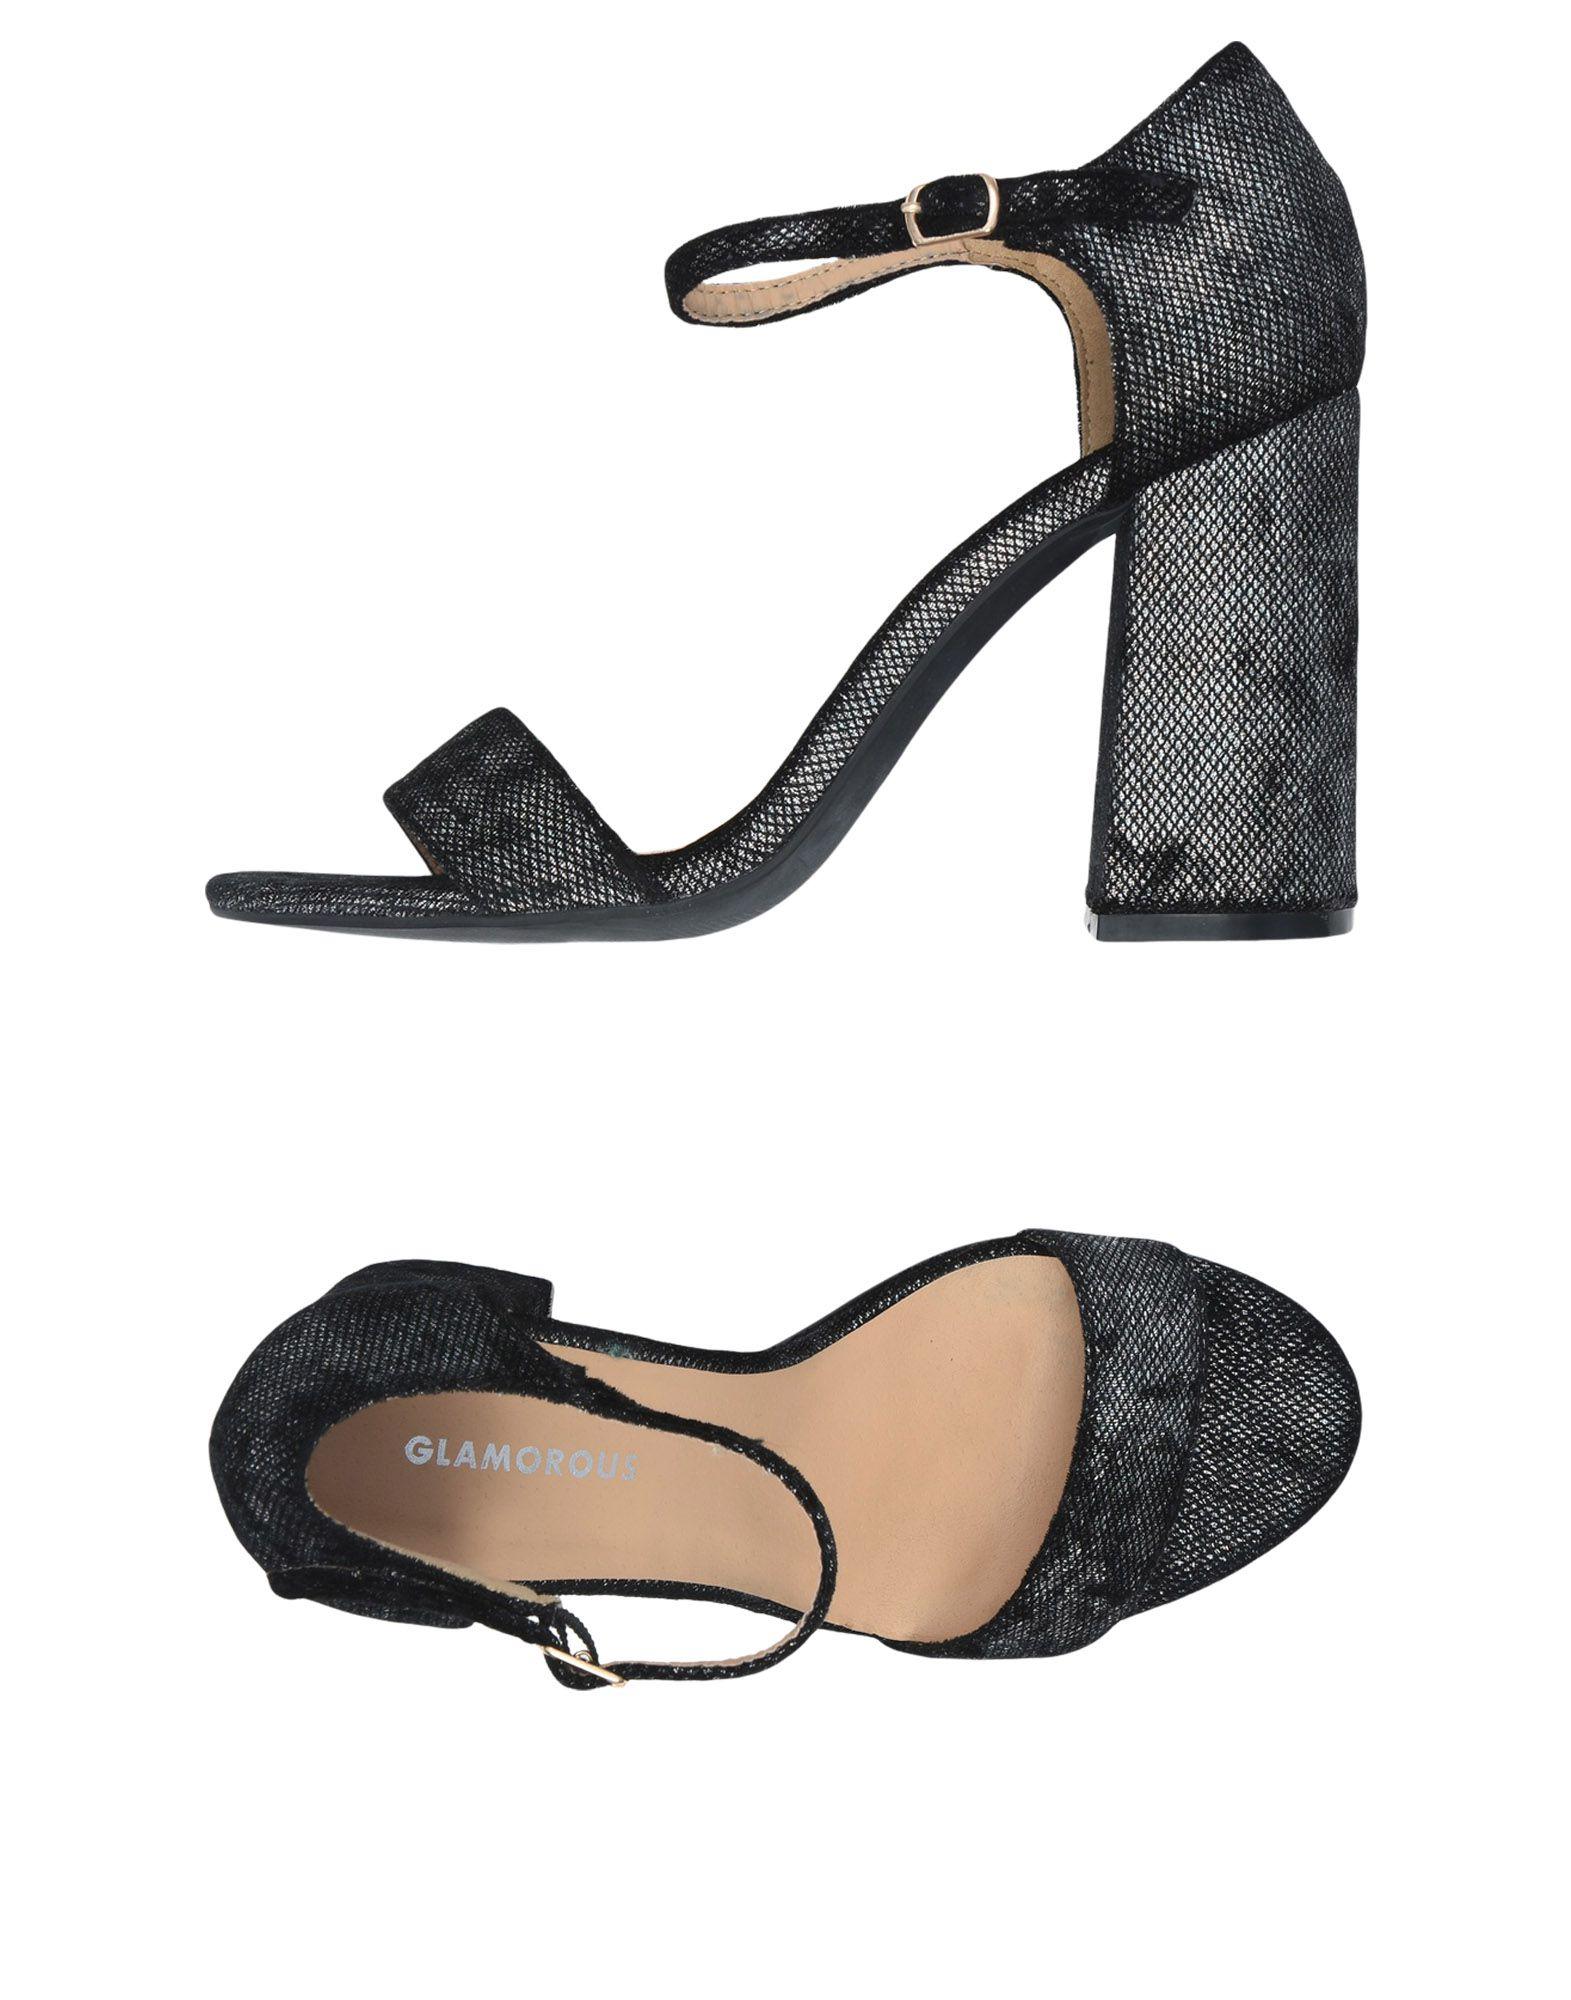 Glamorous Sandalen Damen  11503430OV Gute Qualität beliebte Schuhe